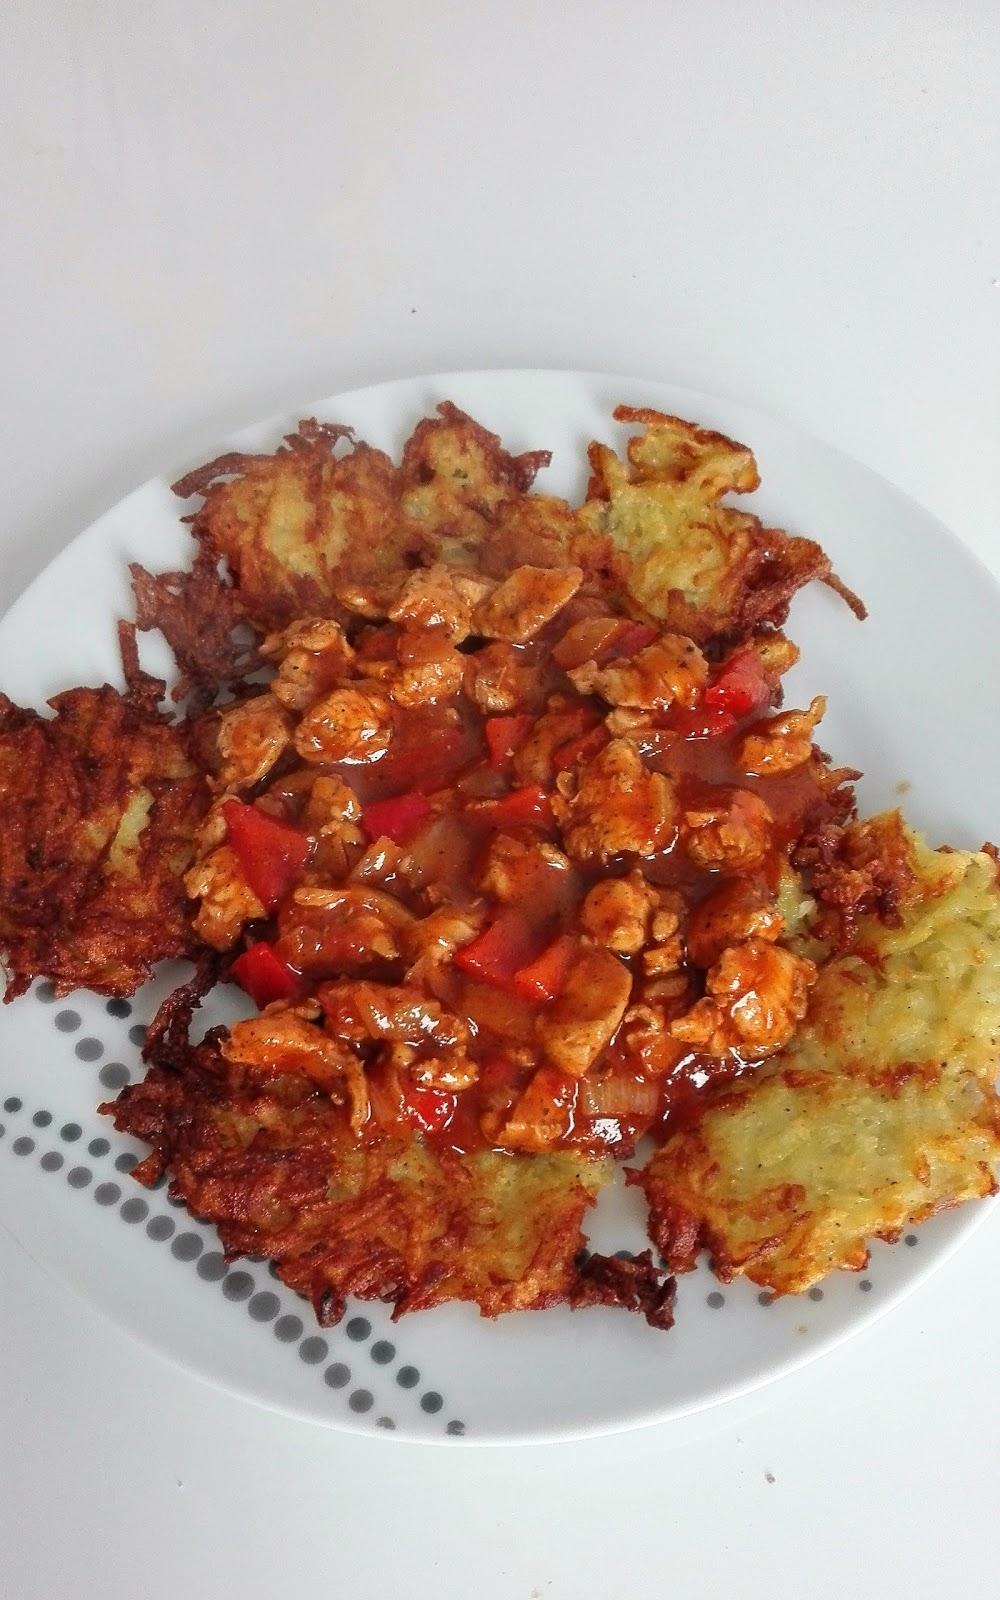 Placek po węgiersku - pyszny i prosty obiad! www.dagmara-rek.pl